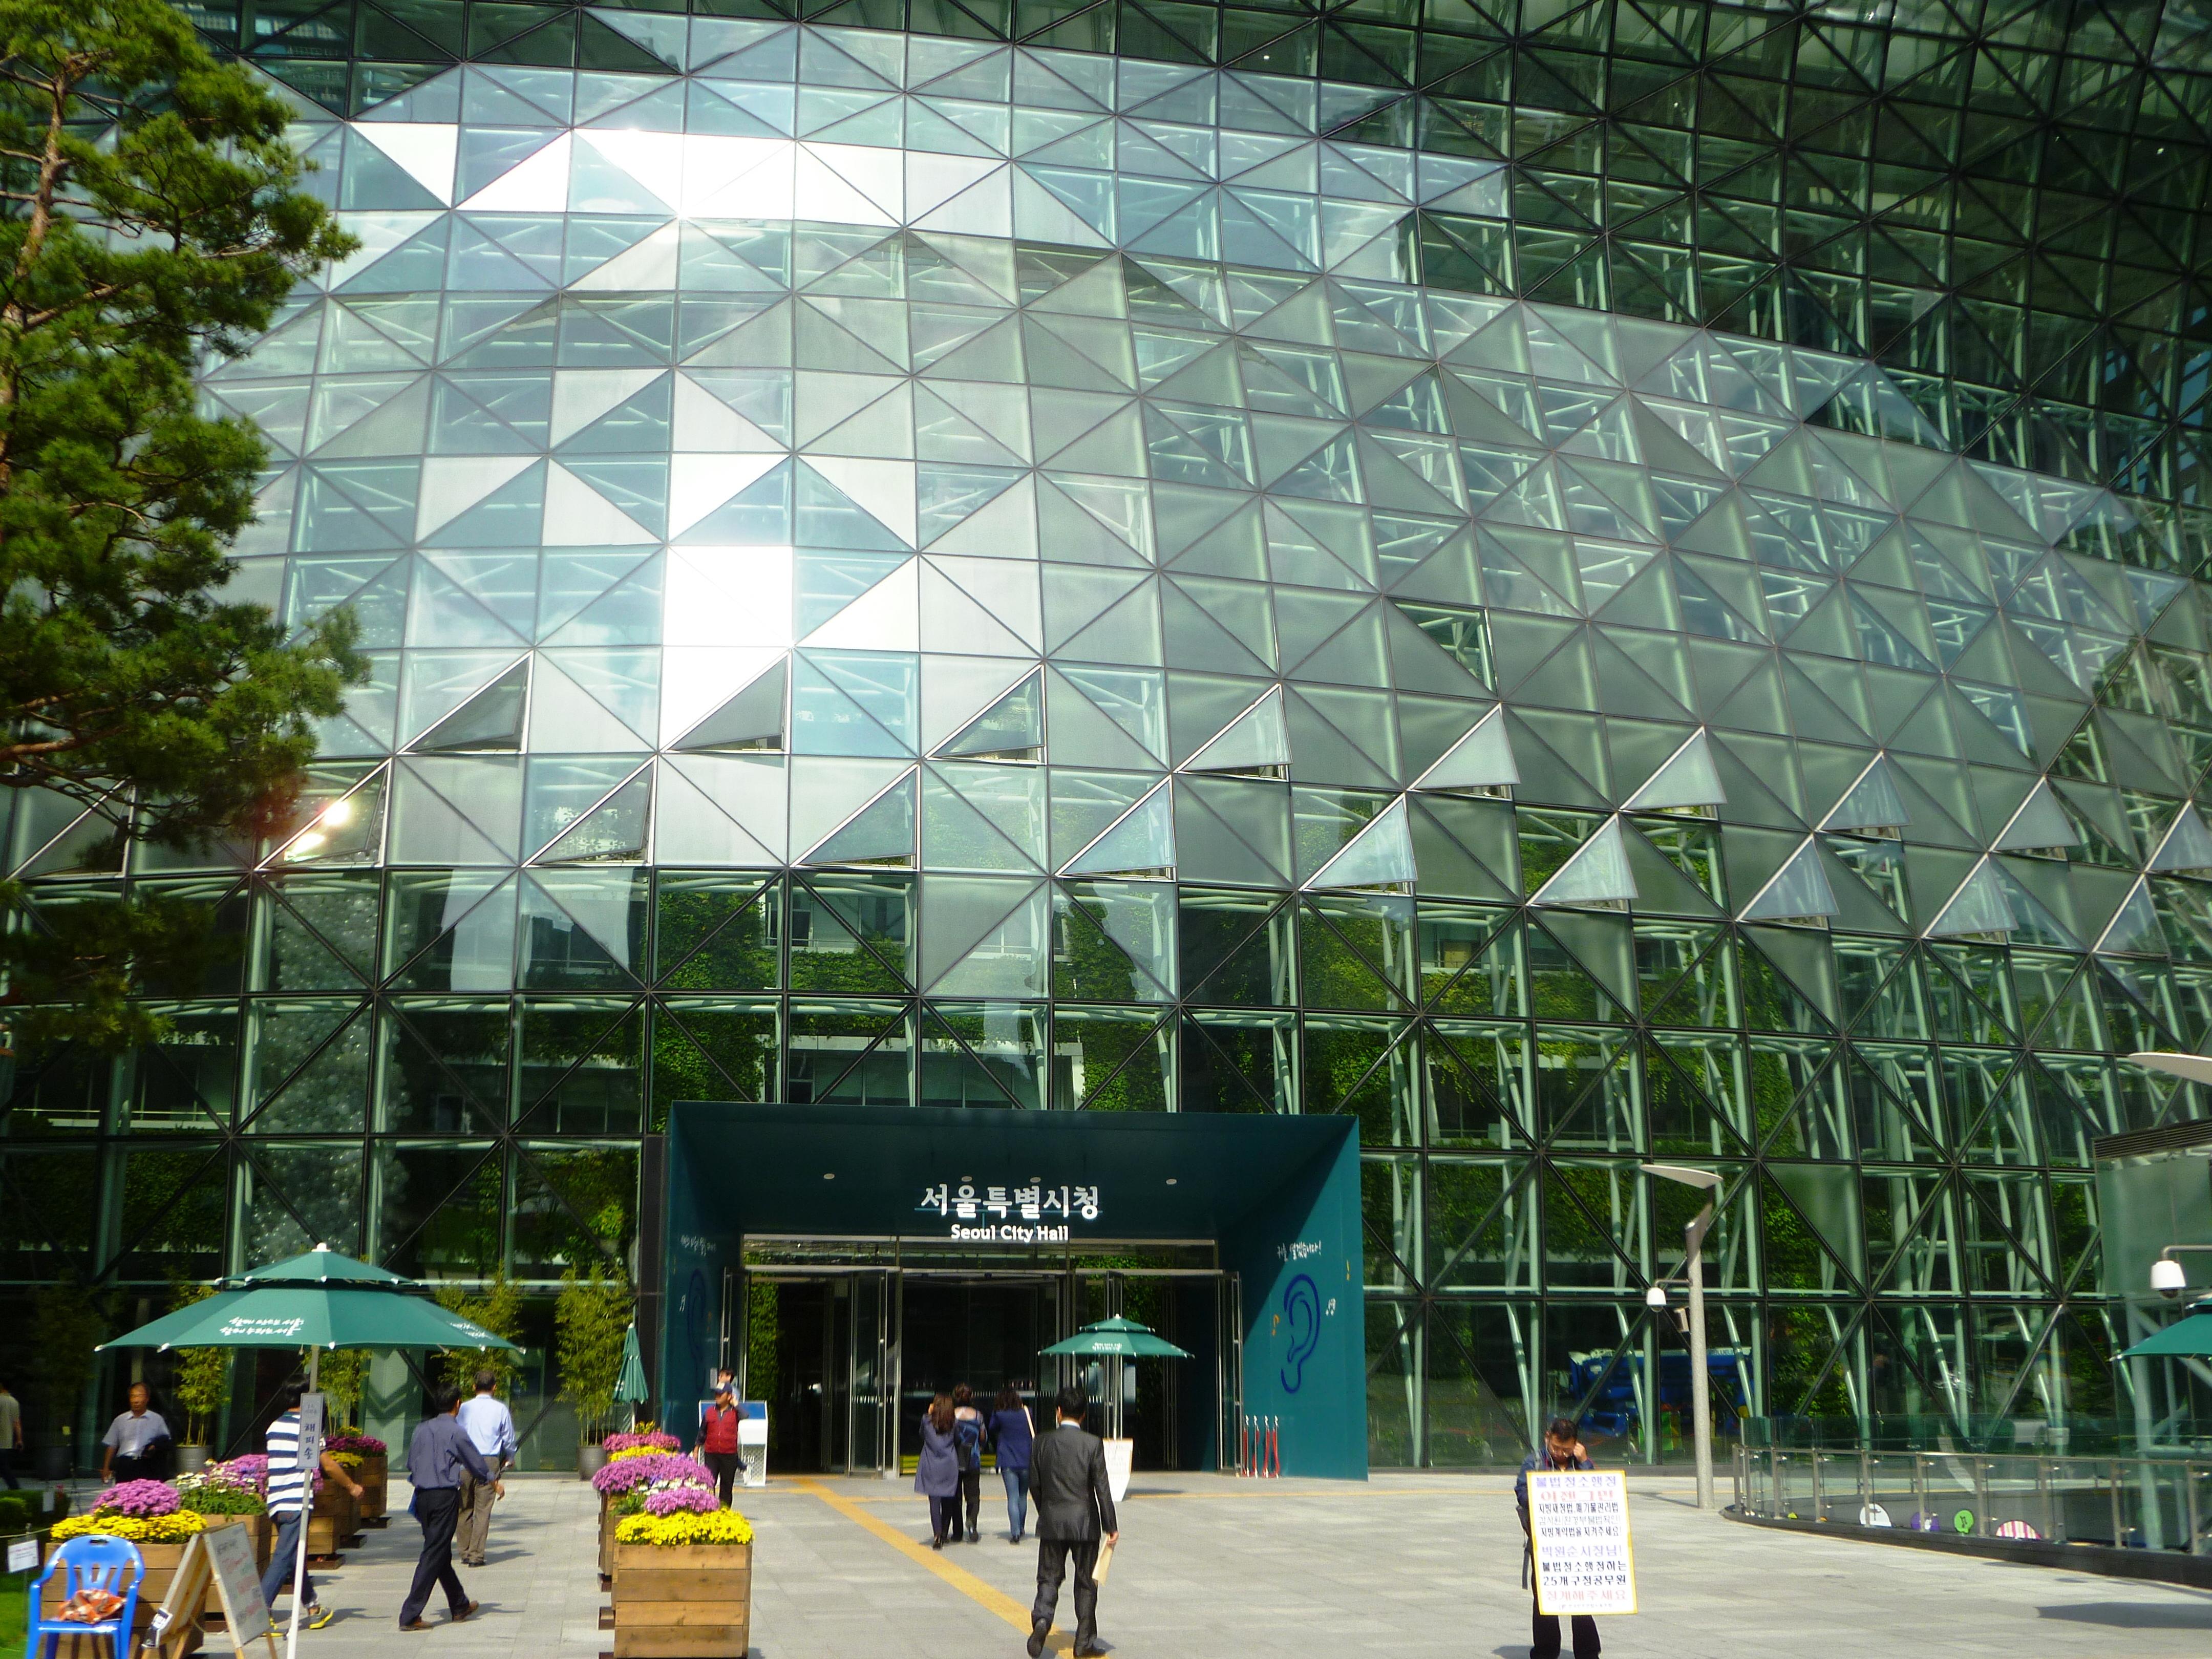 Seoul City Hall exterior